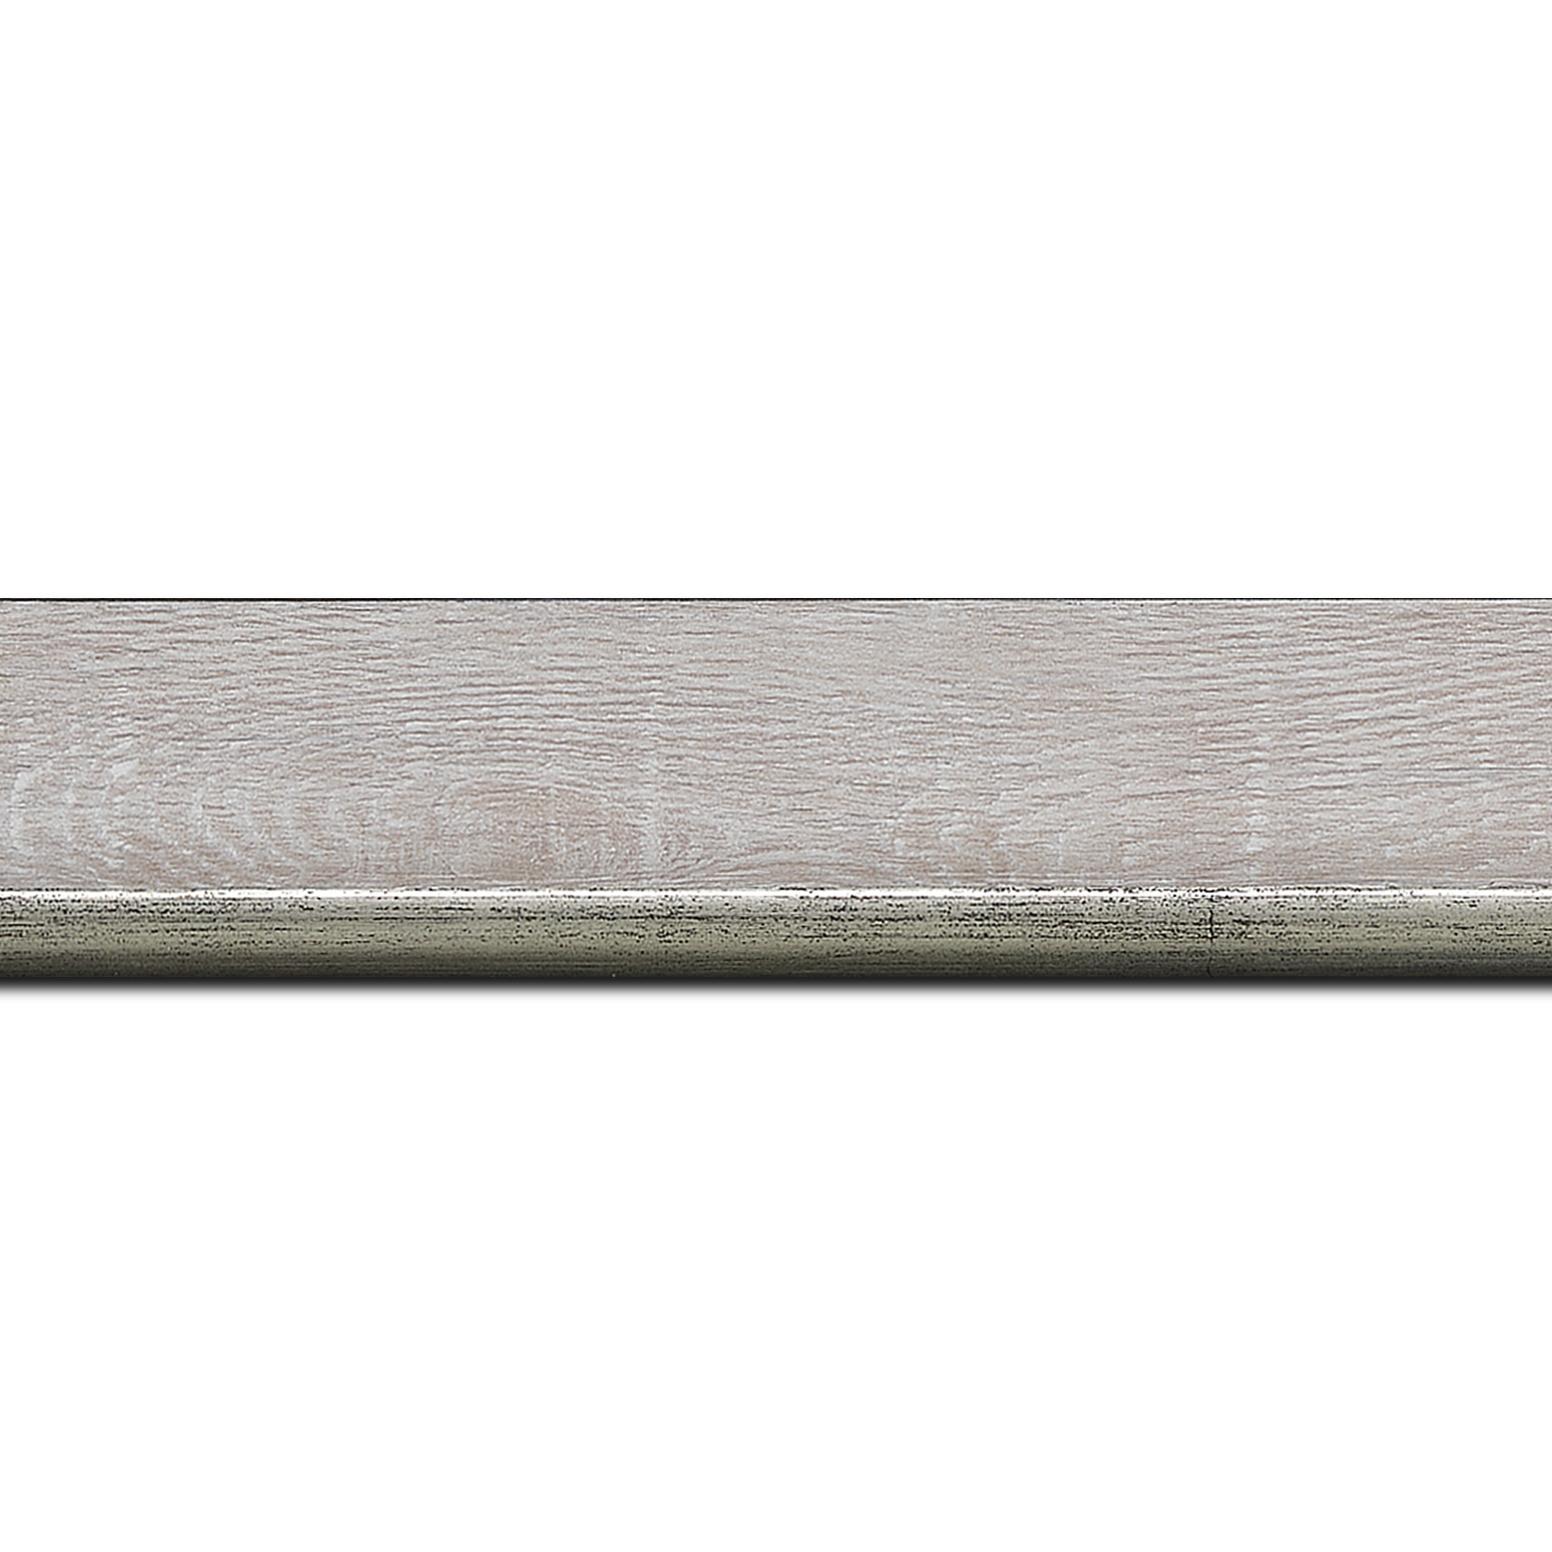 Baguette longueur 1.40m bois profil plat en pente largeur 3.5cm de couleur ton bois veiné teinté gris filet argent chaud